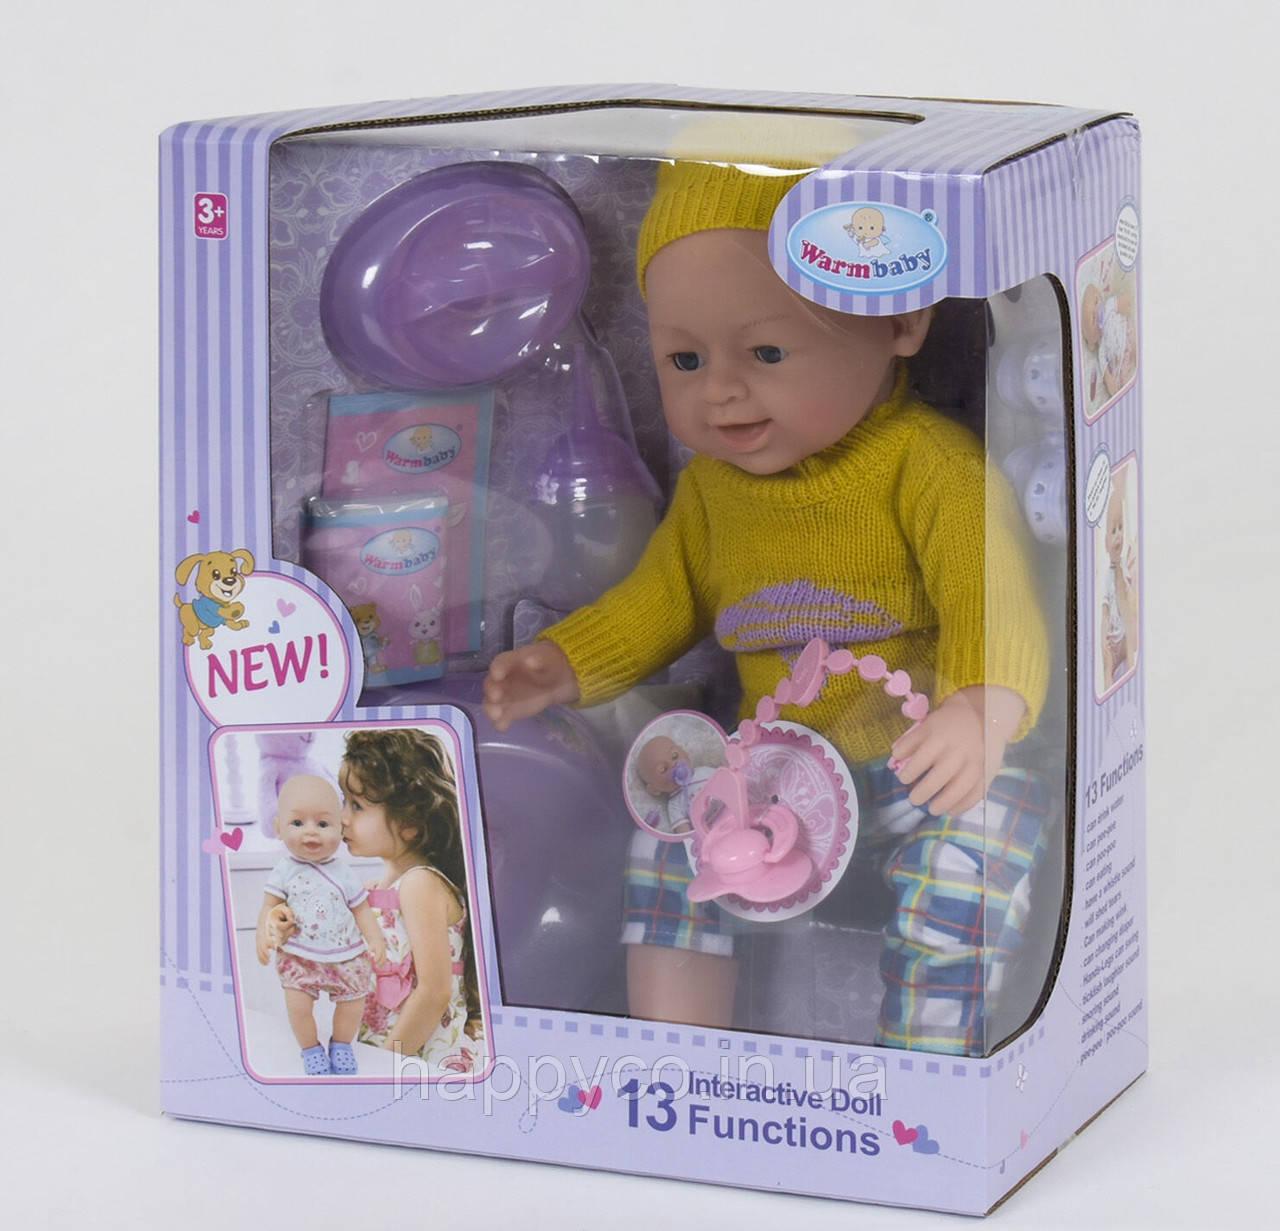 Пупс многофункционнальный с аксессуарами, 13 функций , звуковые эффекты,игрушка для девочек